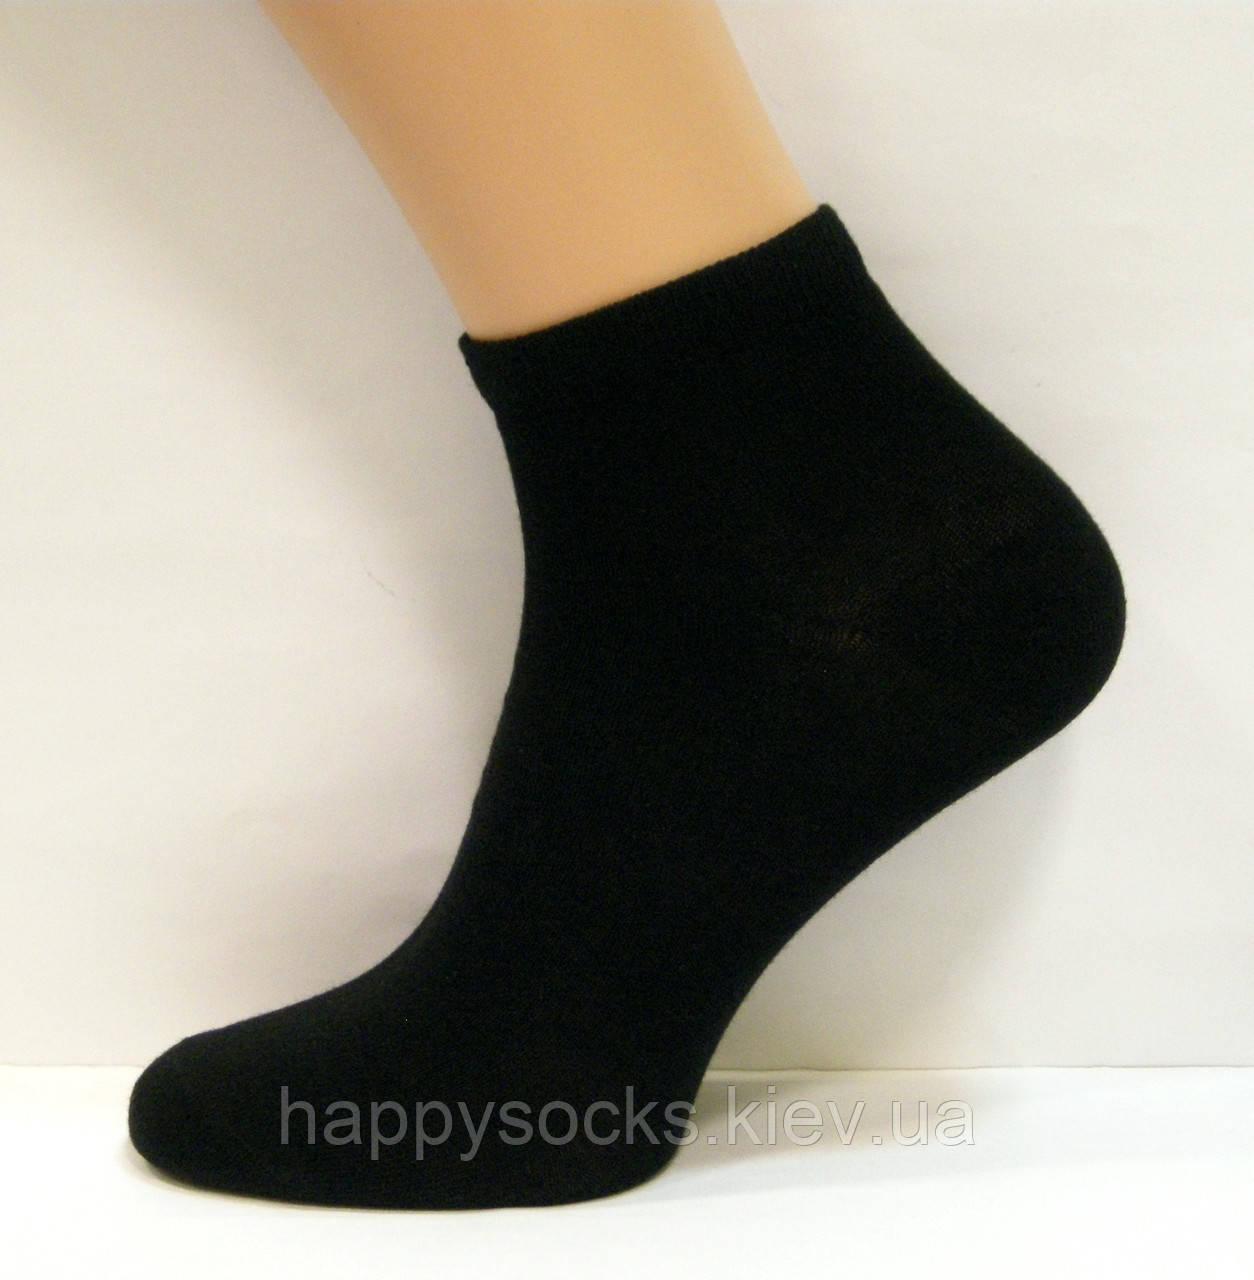 Женские укороченные носки черного цвета